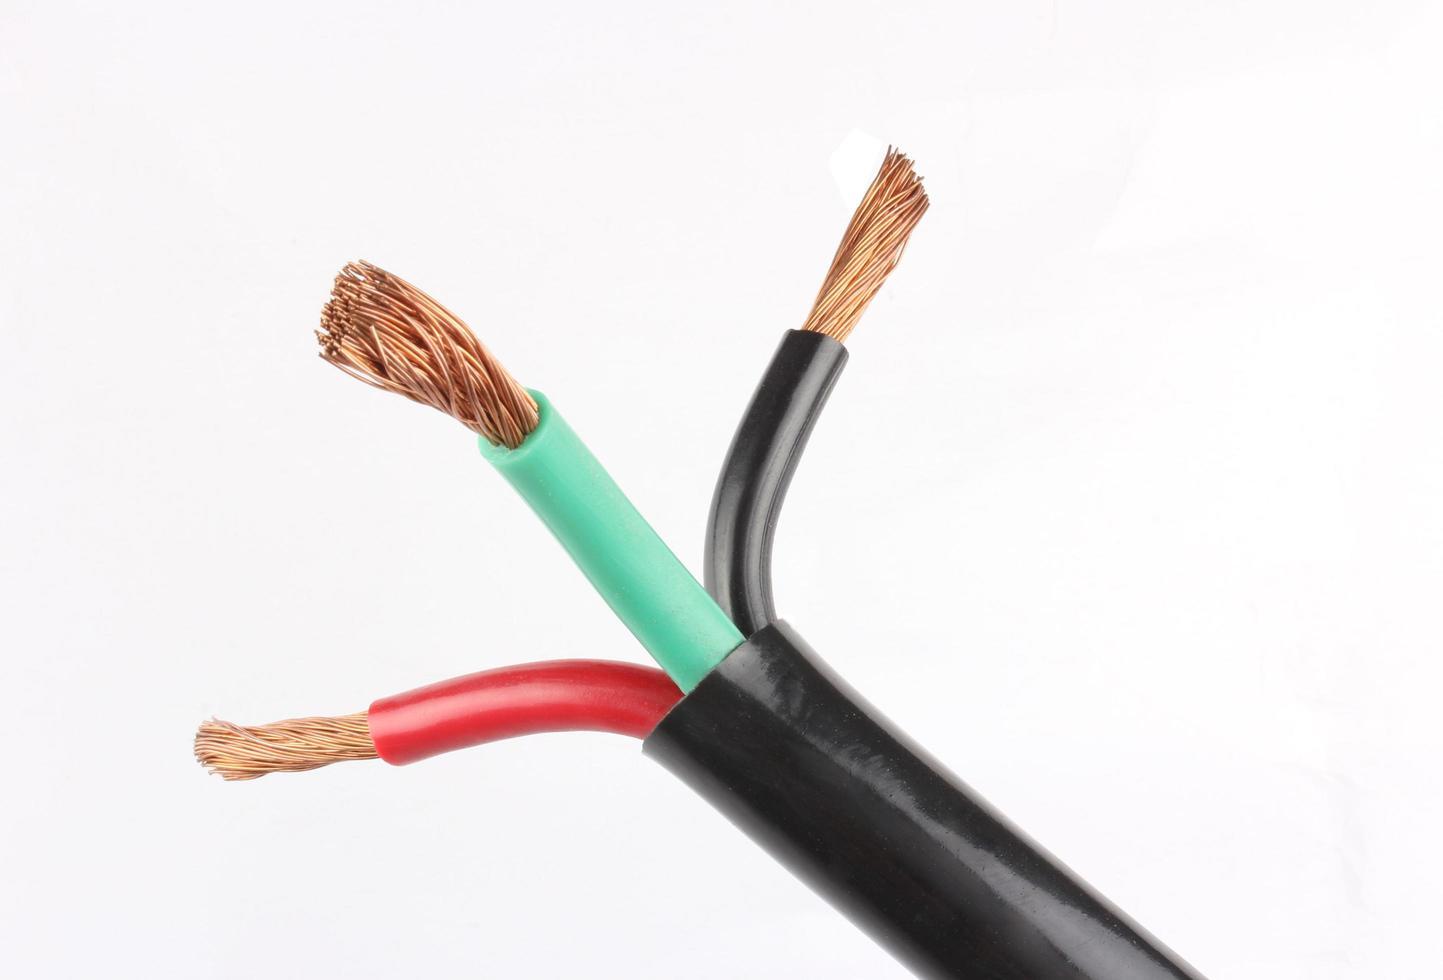 câble électrique sur fond blanc photo